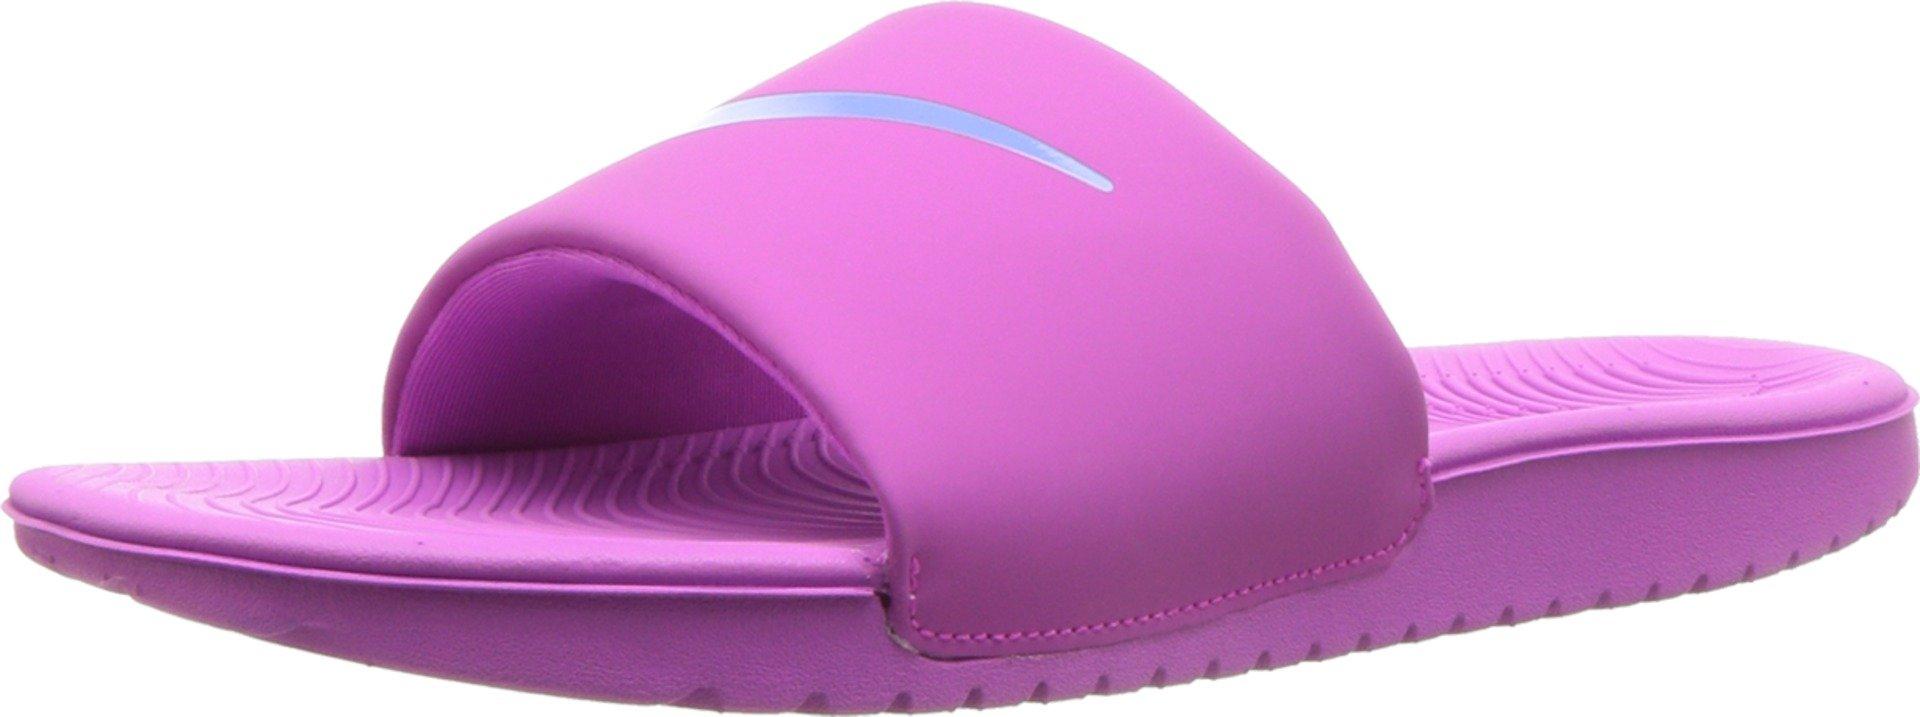 84b862141d2b Galleon - Nike Kawa Slide (gs ps) Big Kids 819353-501 Size 3